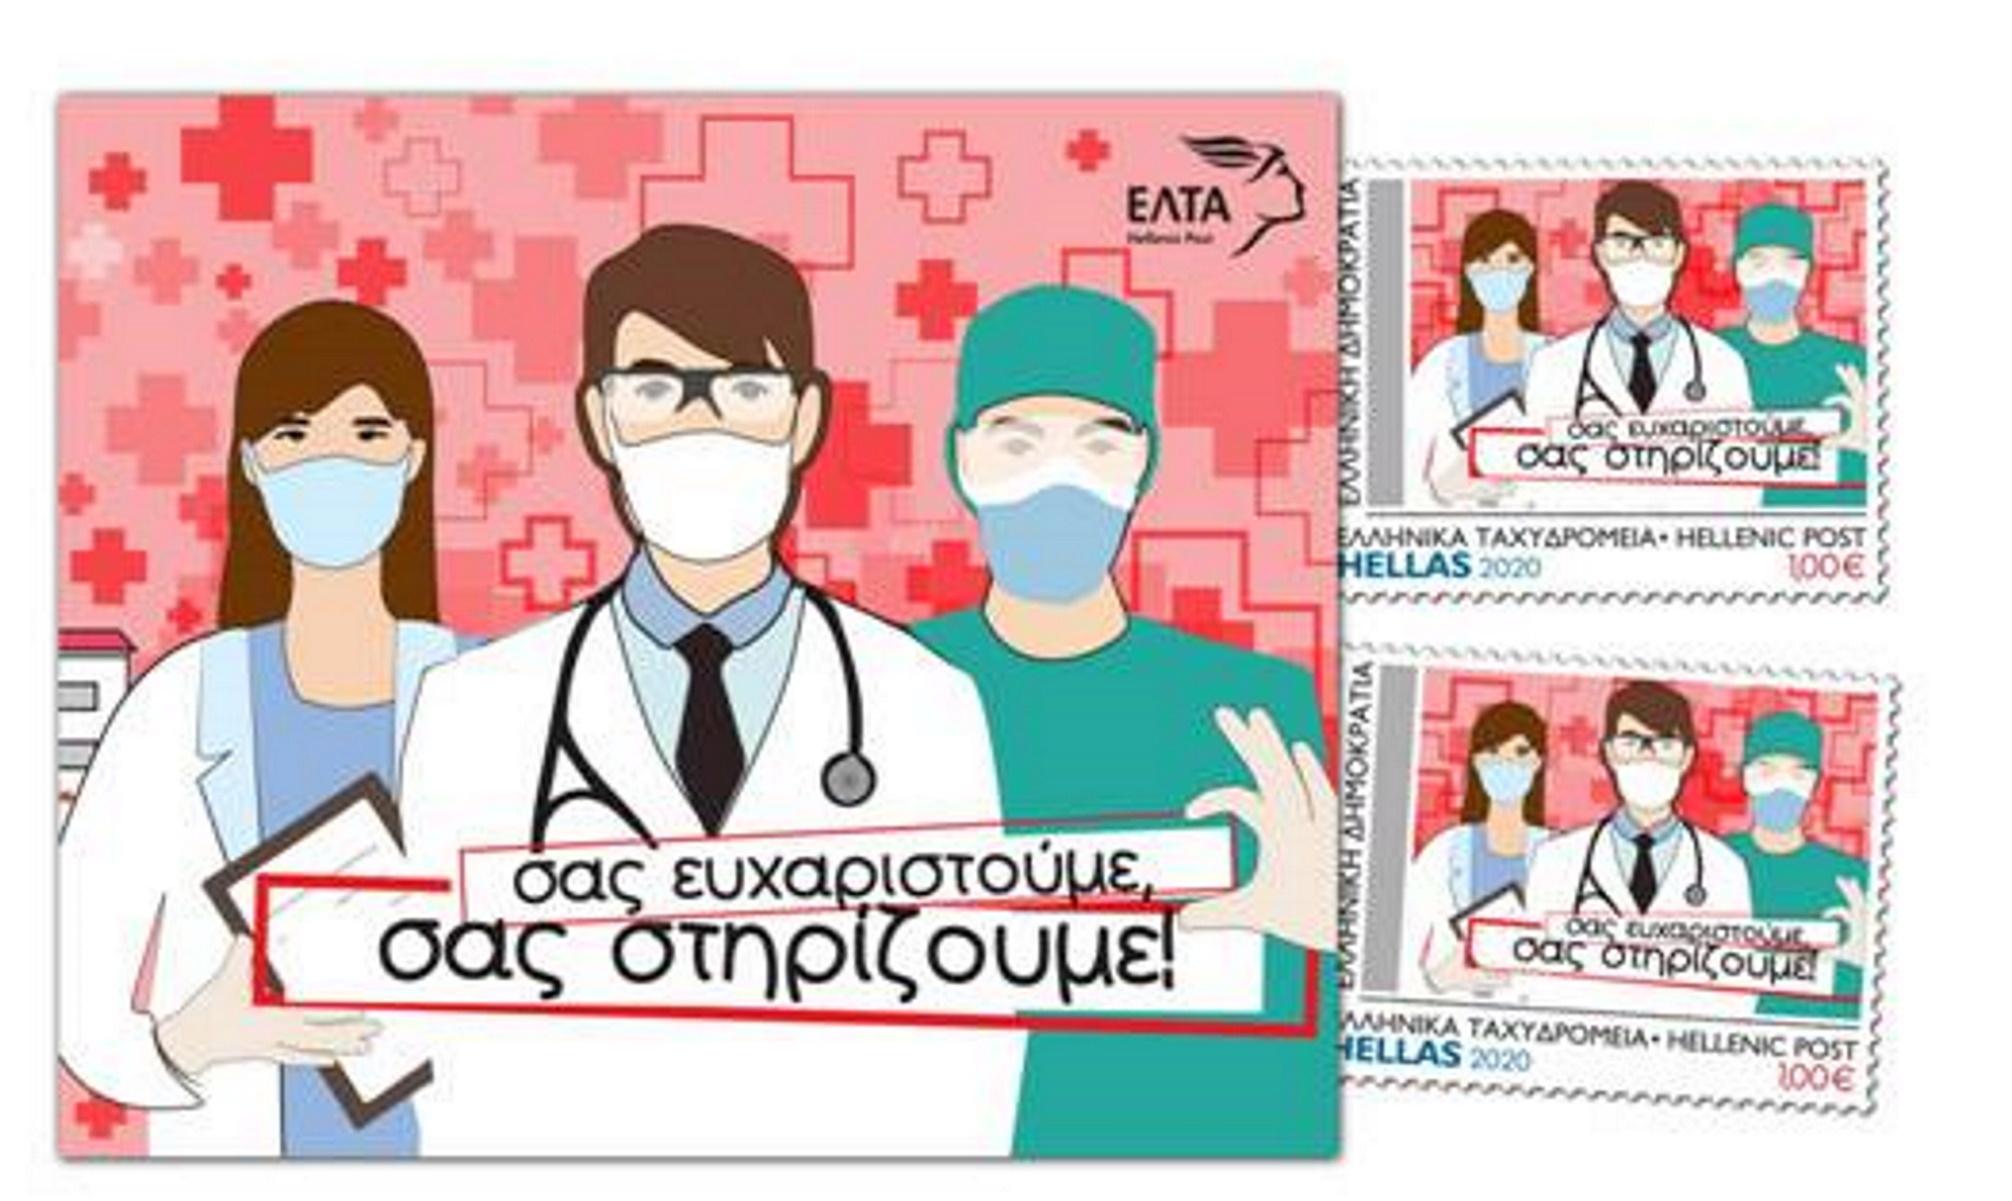 ΕΛΤΑ: Στηρίζουν το υγειονομικό προσωπικό στη μάχη ενάντια στον κορονοϊό (pics, video)